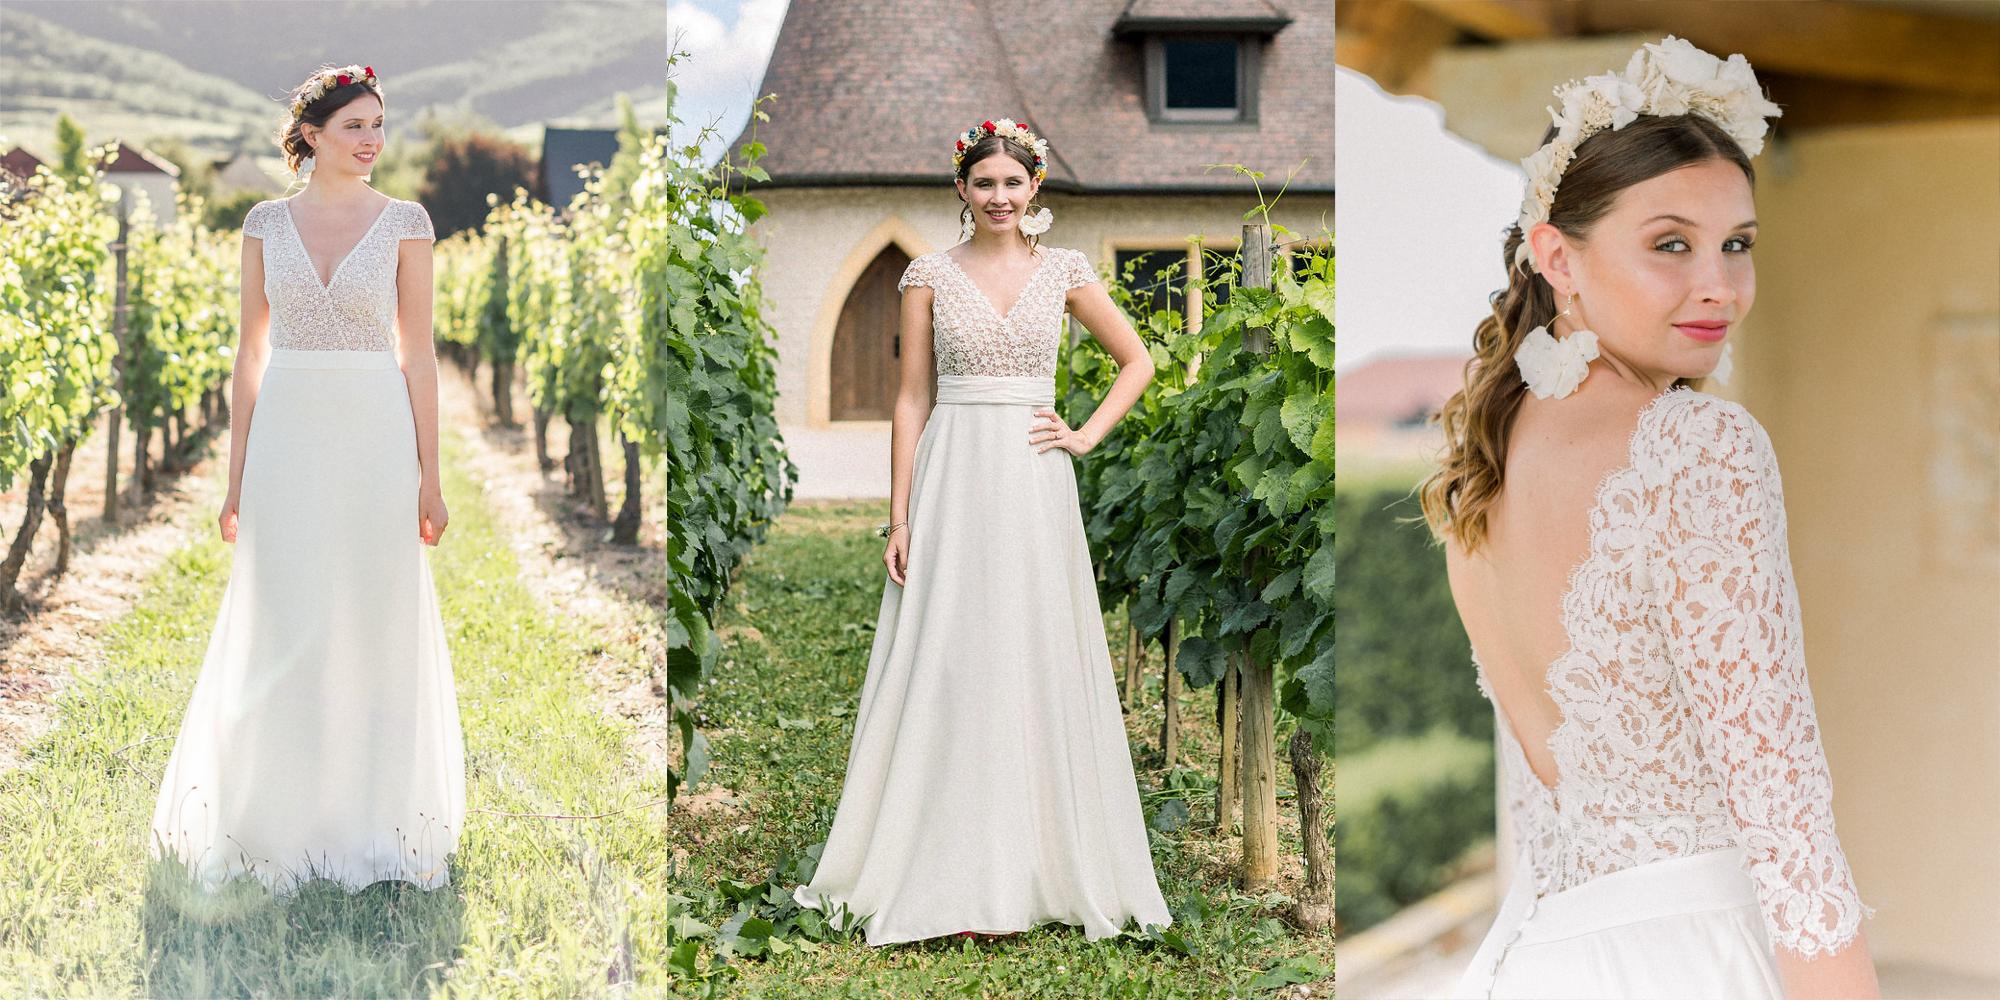 Robes de mariée collection 2020